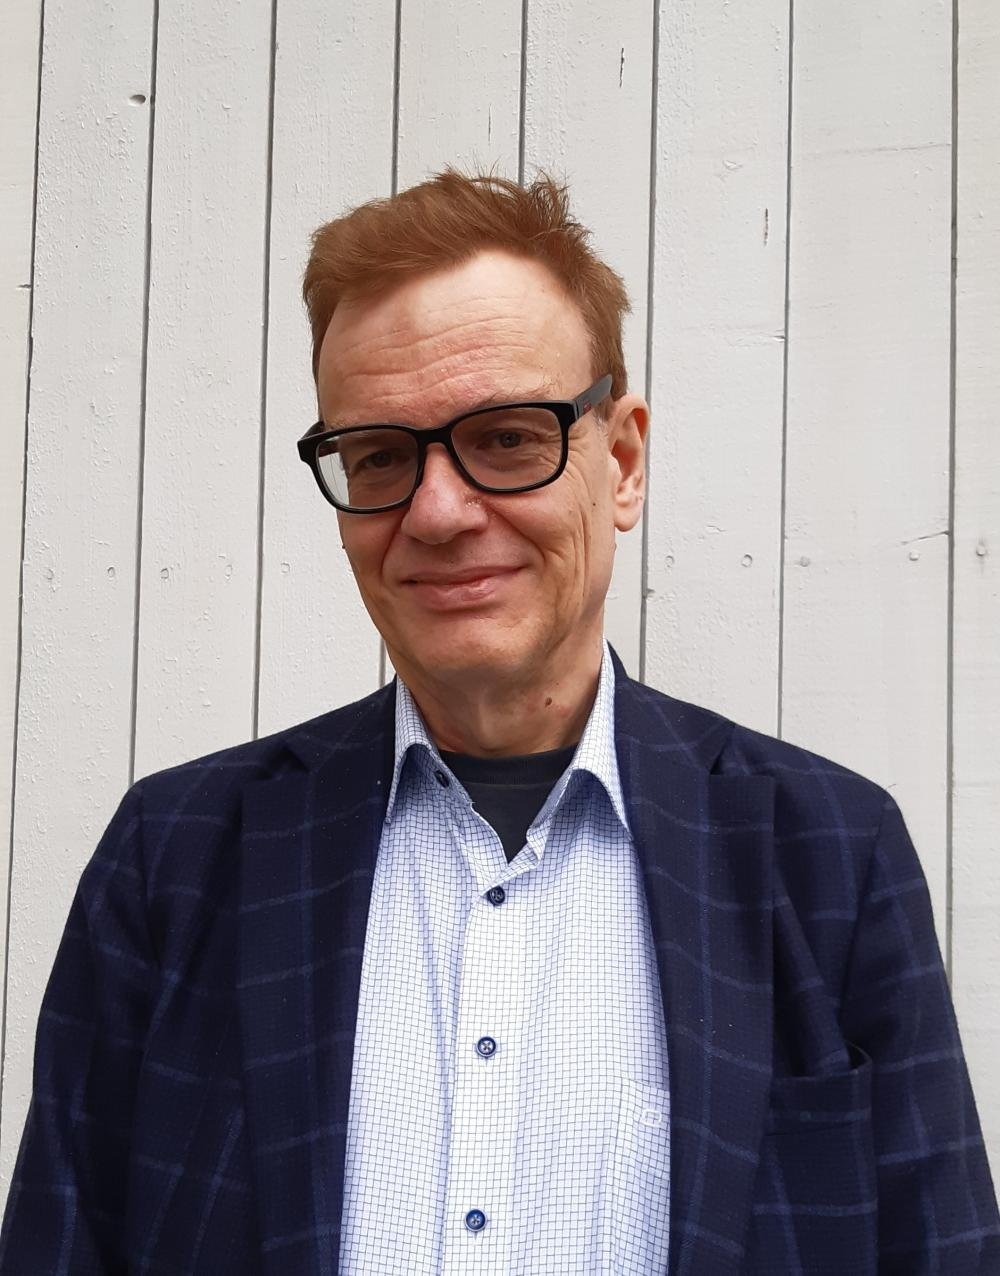 Juha Dubbe